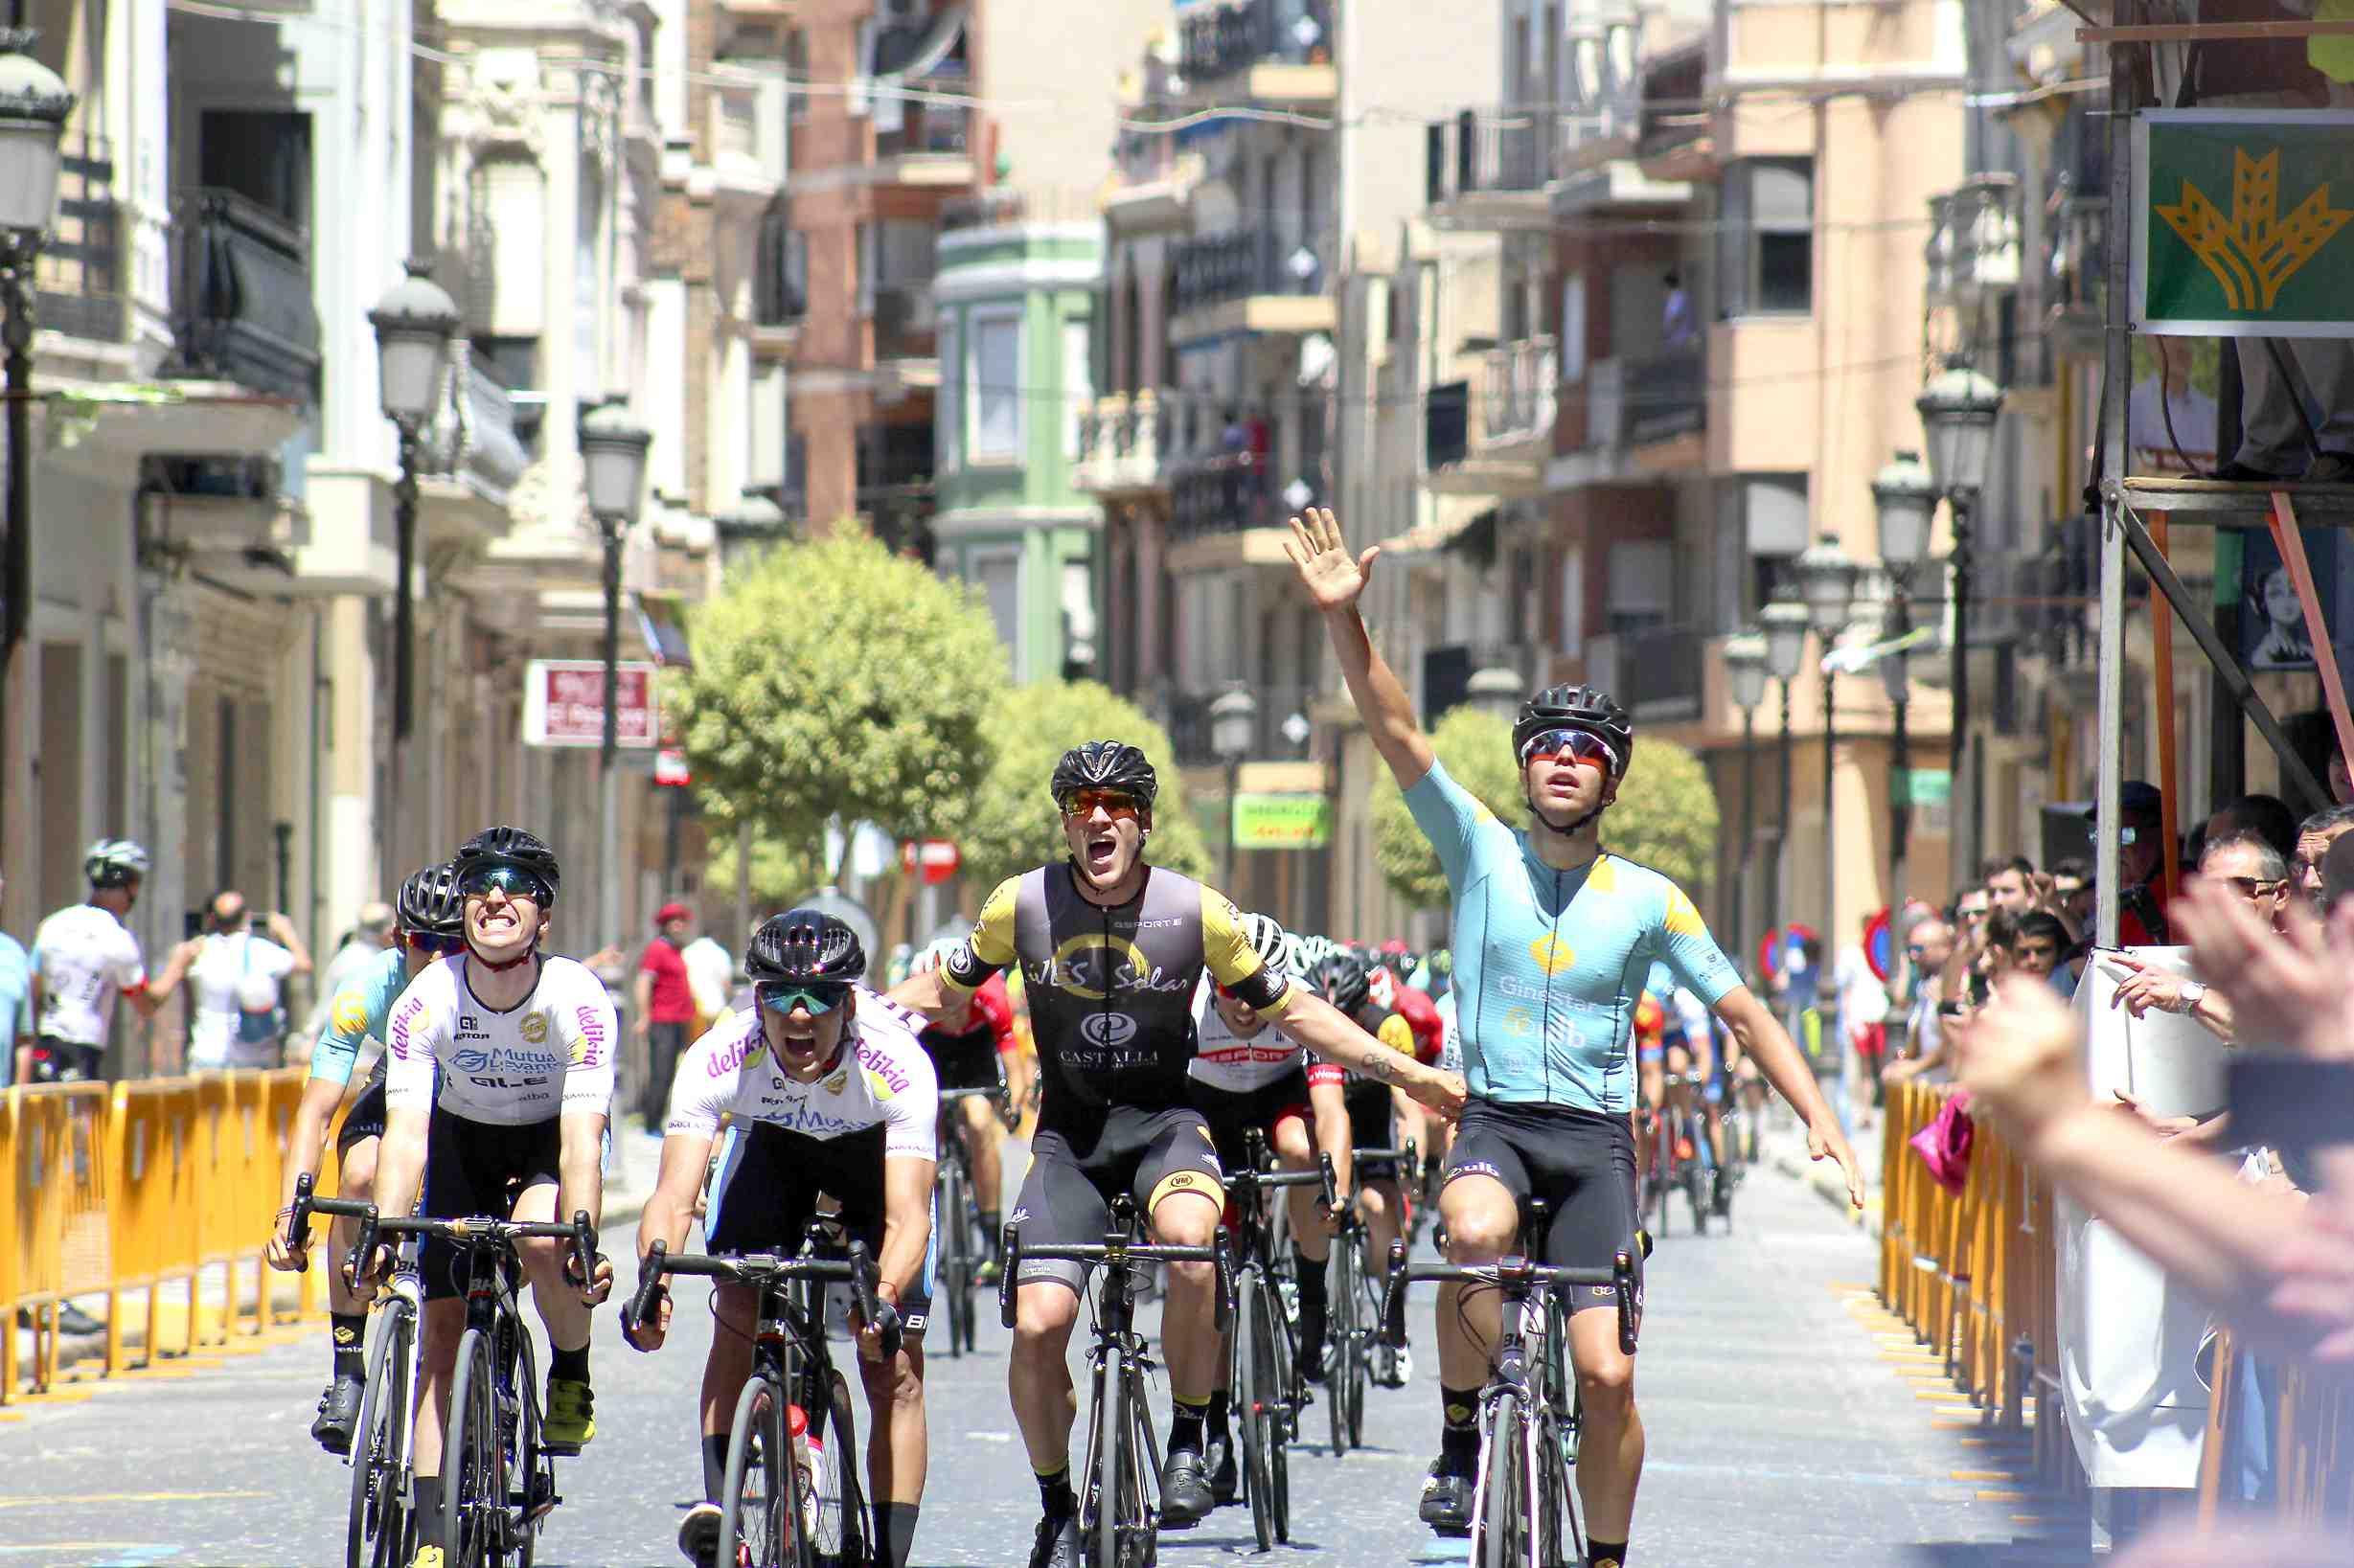 El ciclista iberut Josué Gómez guanya el Trofeu d'Algemesí Sub23